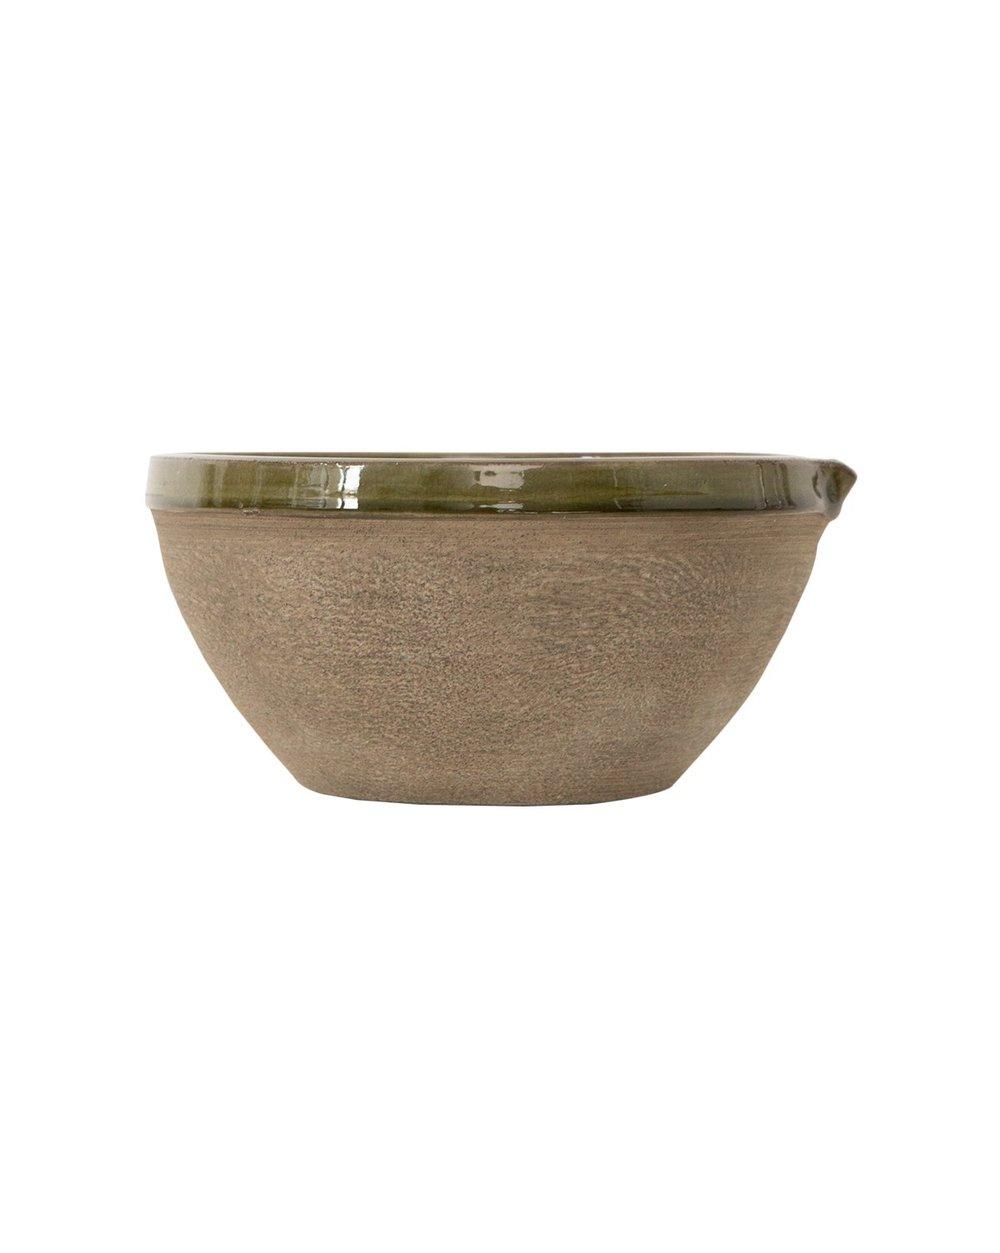 green_terracotta_bowl3.jpg